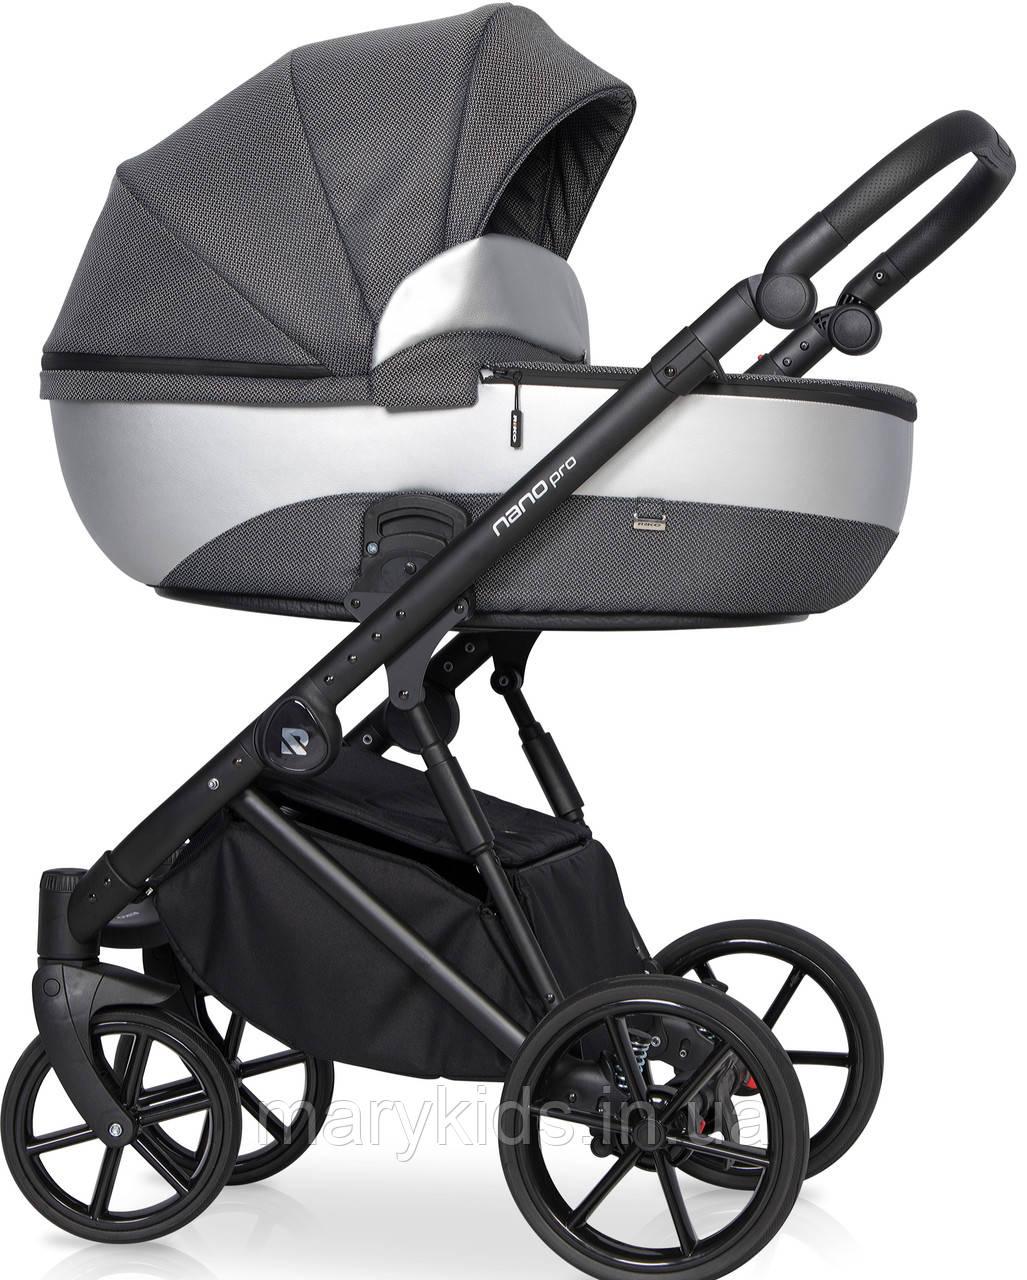 Детская универсальная коляска 2 в 1 Riko Nano Pro 02 Onyx